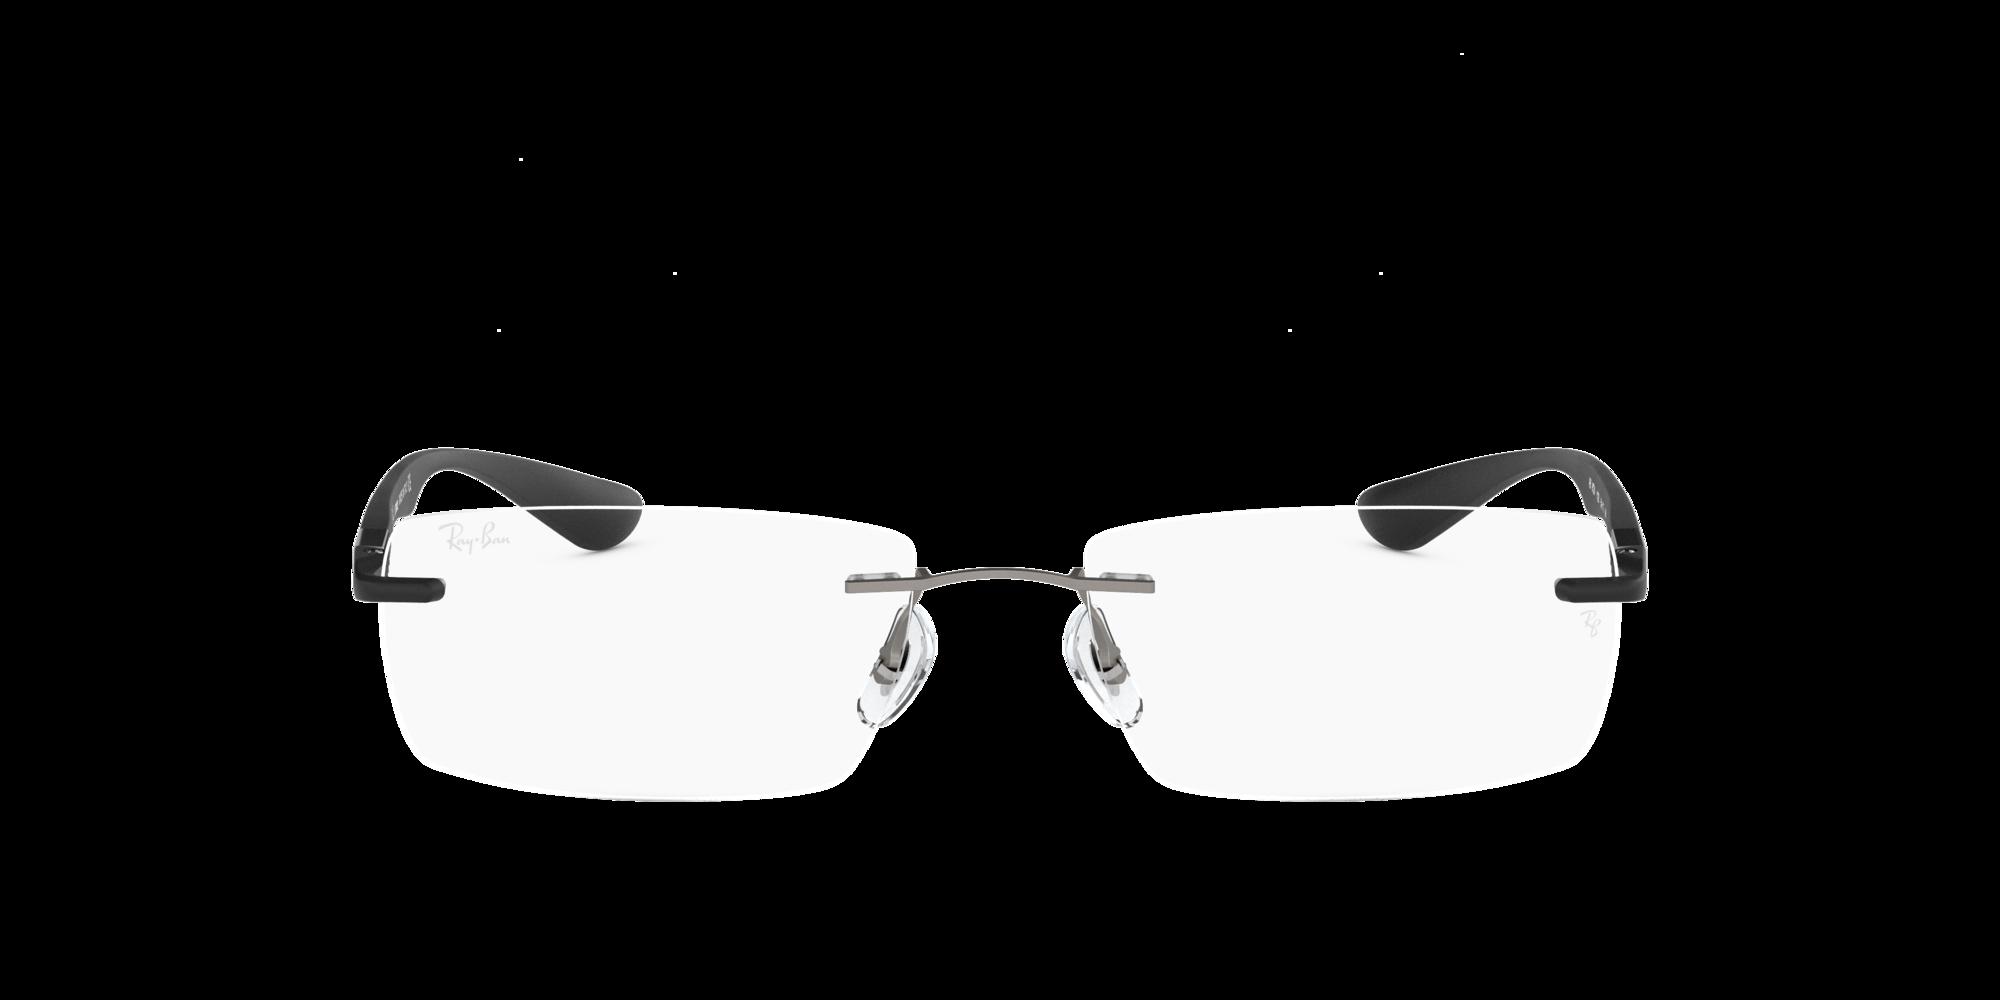 Imagen para RX8724 de LensCrafters |  Espejuelos, espejuelos graduados en línea, gafas